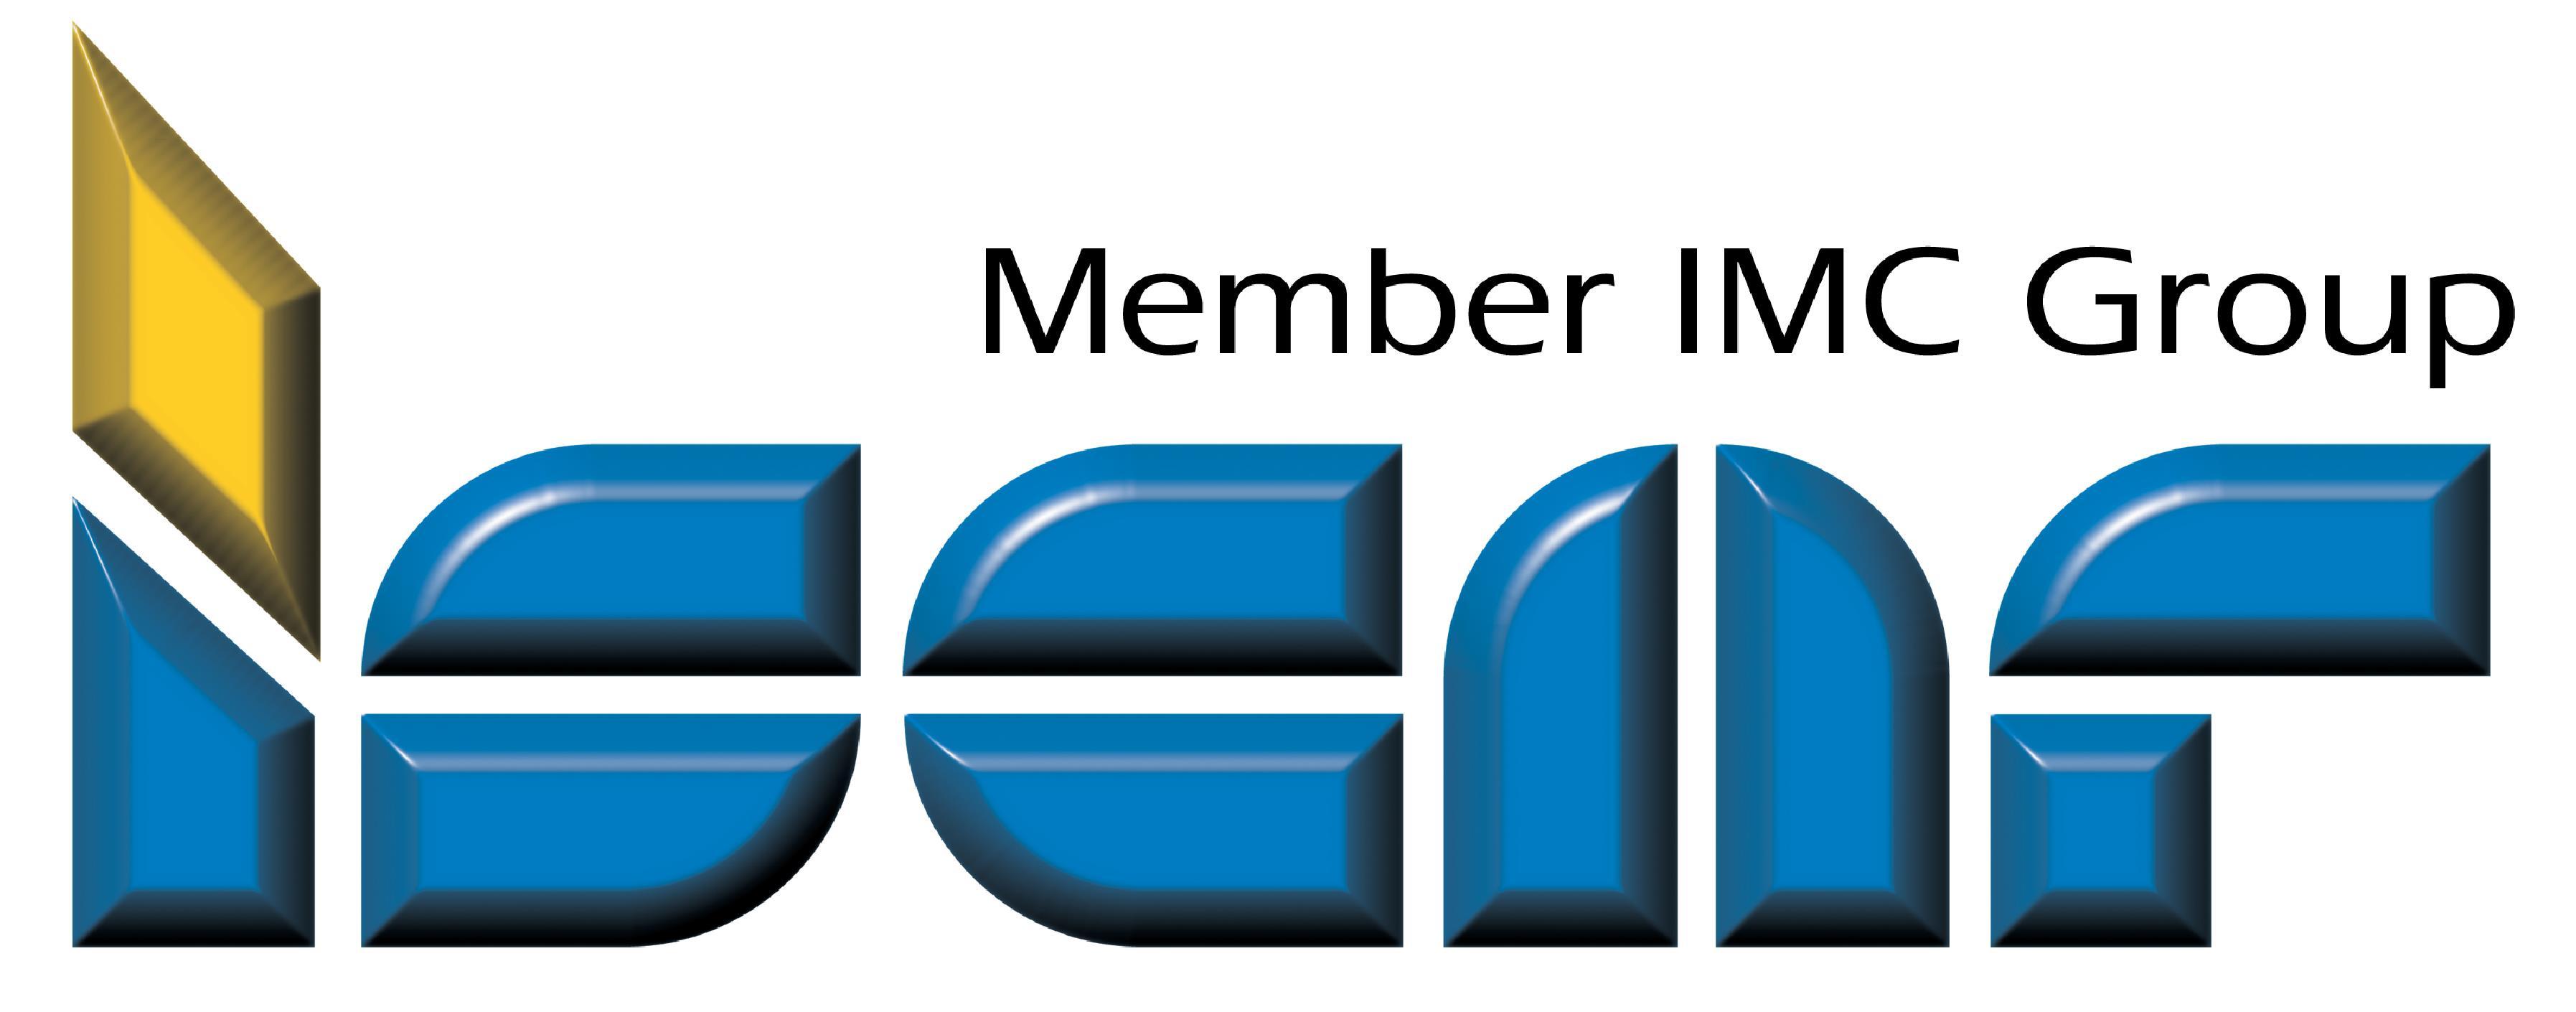 ISCAR Kesici Takım Ticareti ve İmalatı Ltd. Şti.